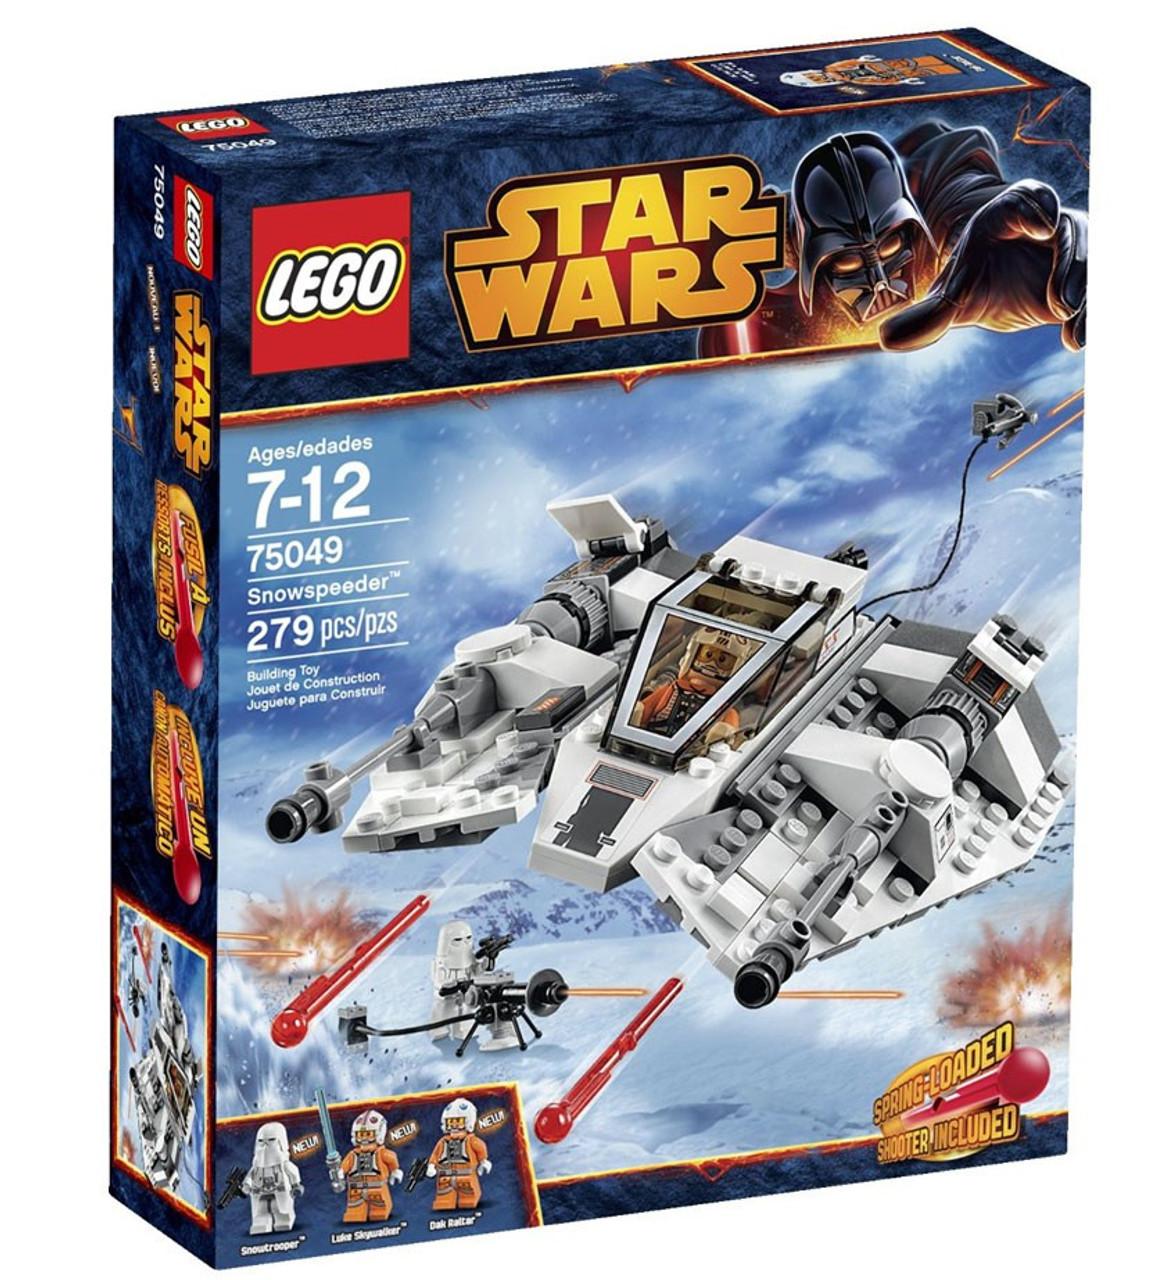 LEGO Star Wars Empire Strikes Back Snowspeeder Set #75049